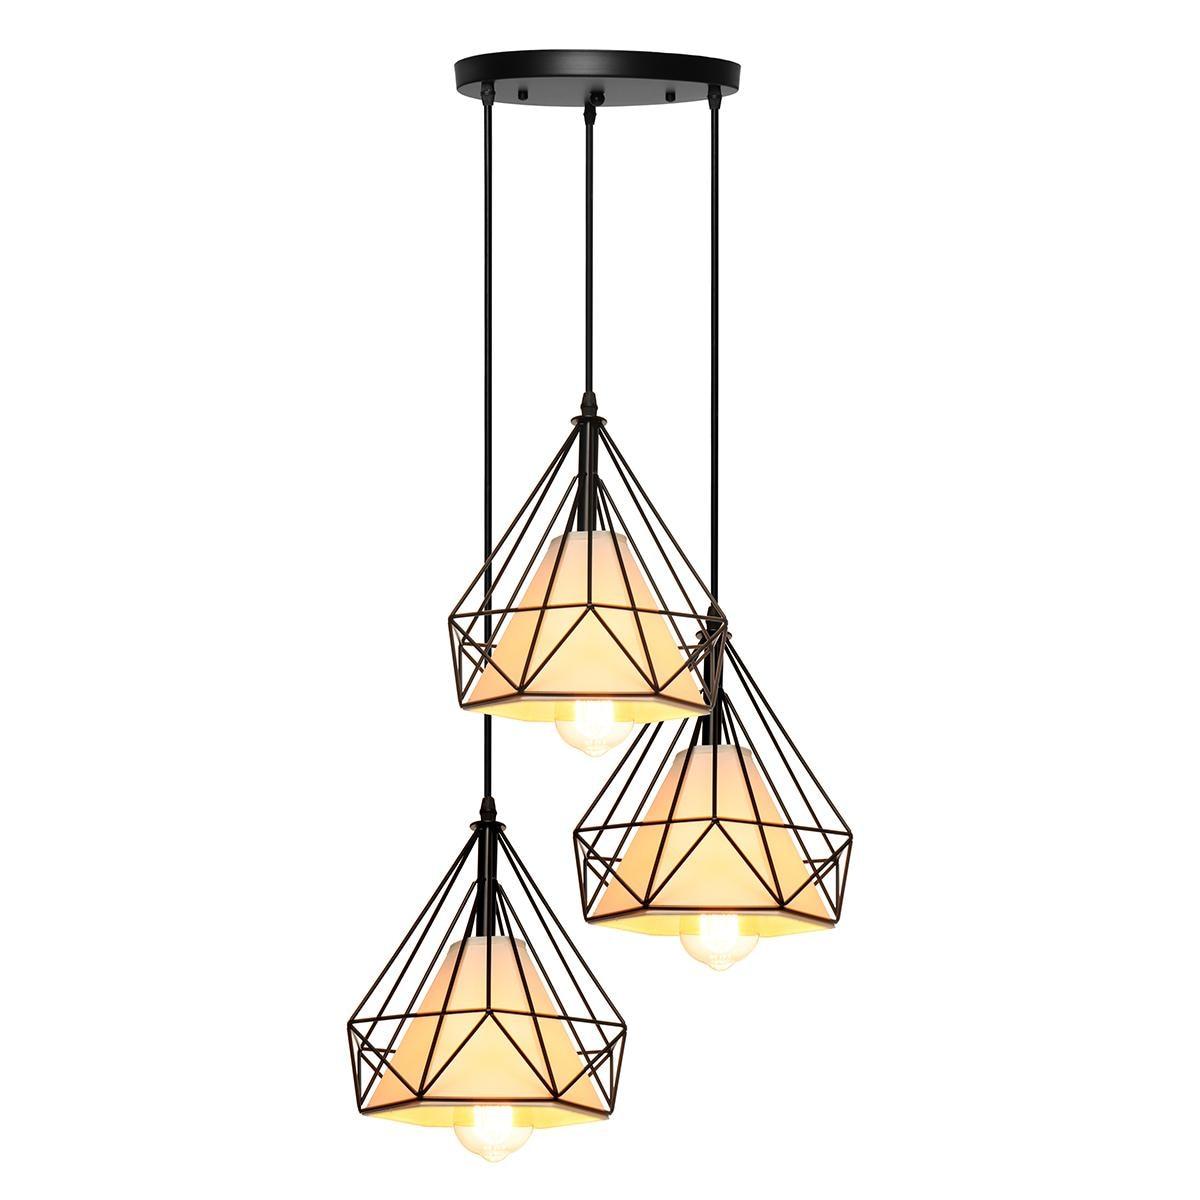 3 cabeças e27 moderna barra de luz pingente restaurante pendurado luminária decoração para casa chá padaria iluminação interior quadrado redondo - 3